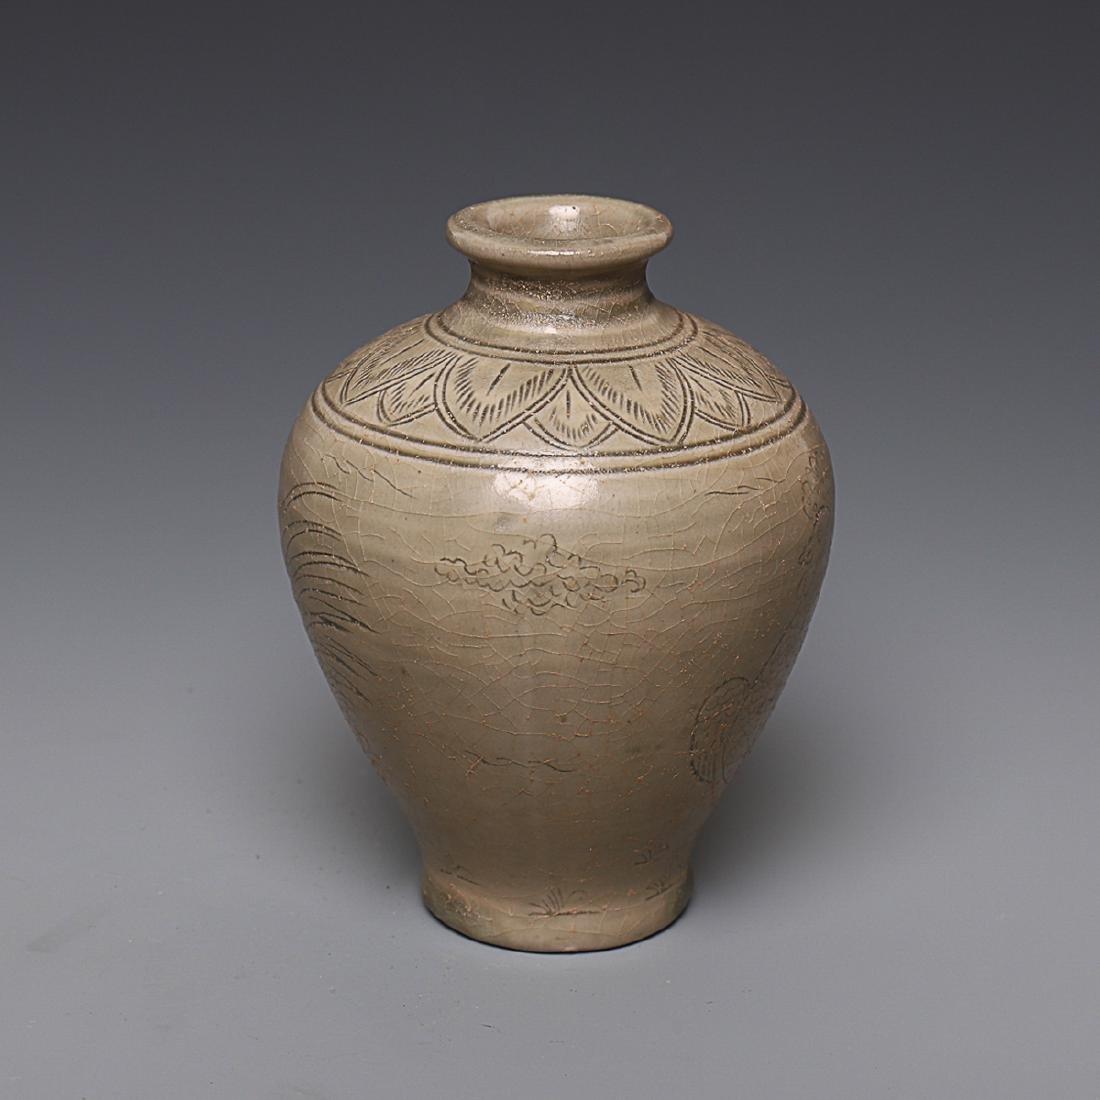 Vintage Chinese Porcelain pot Vase - 3